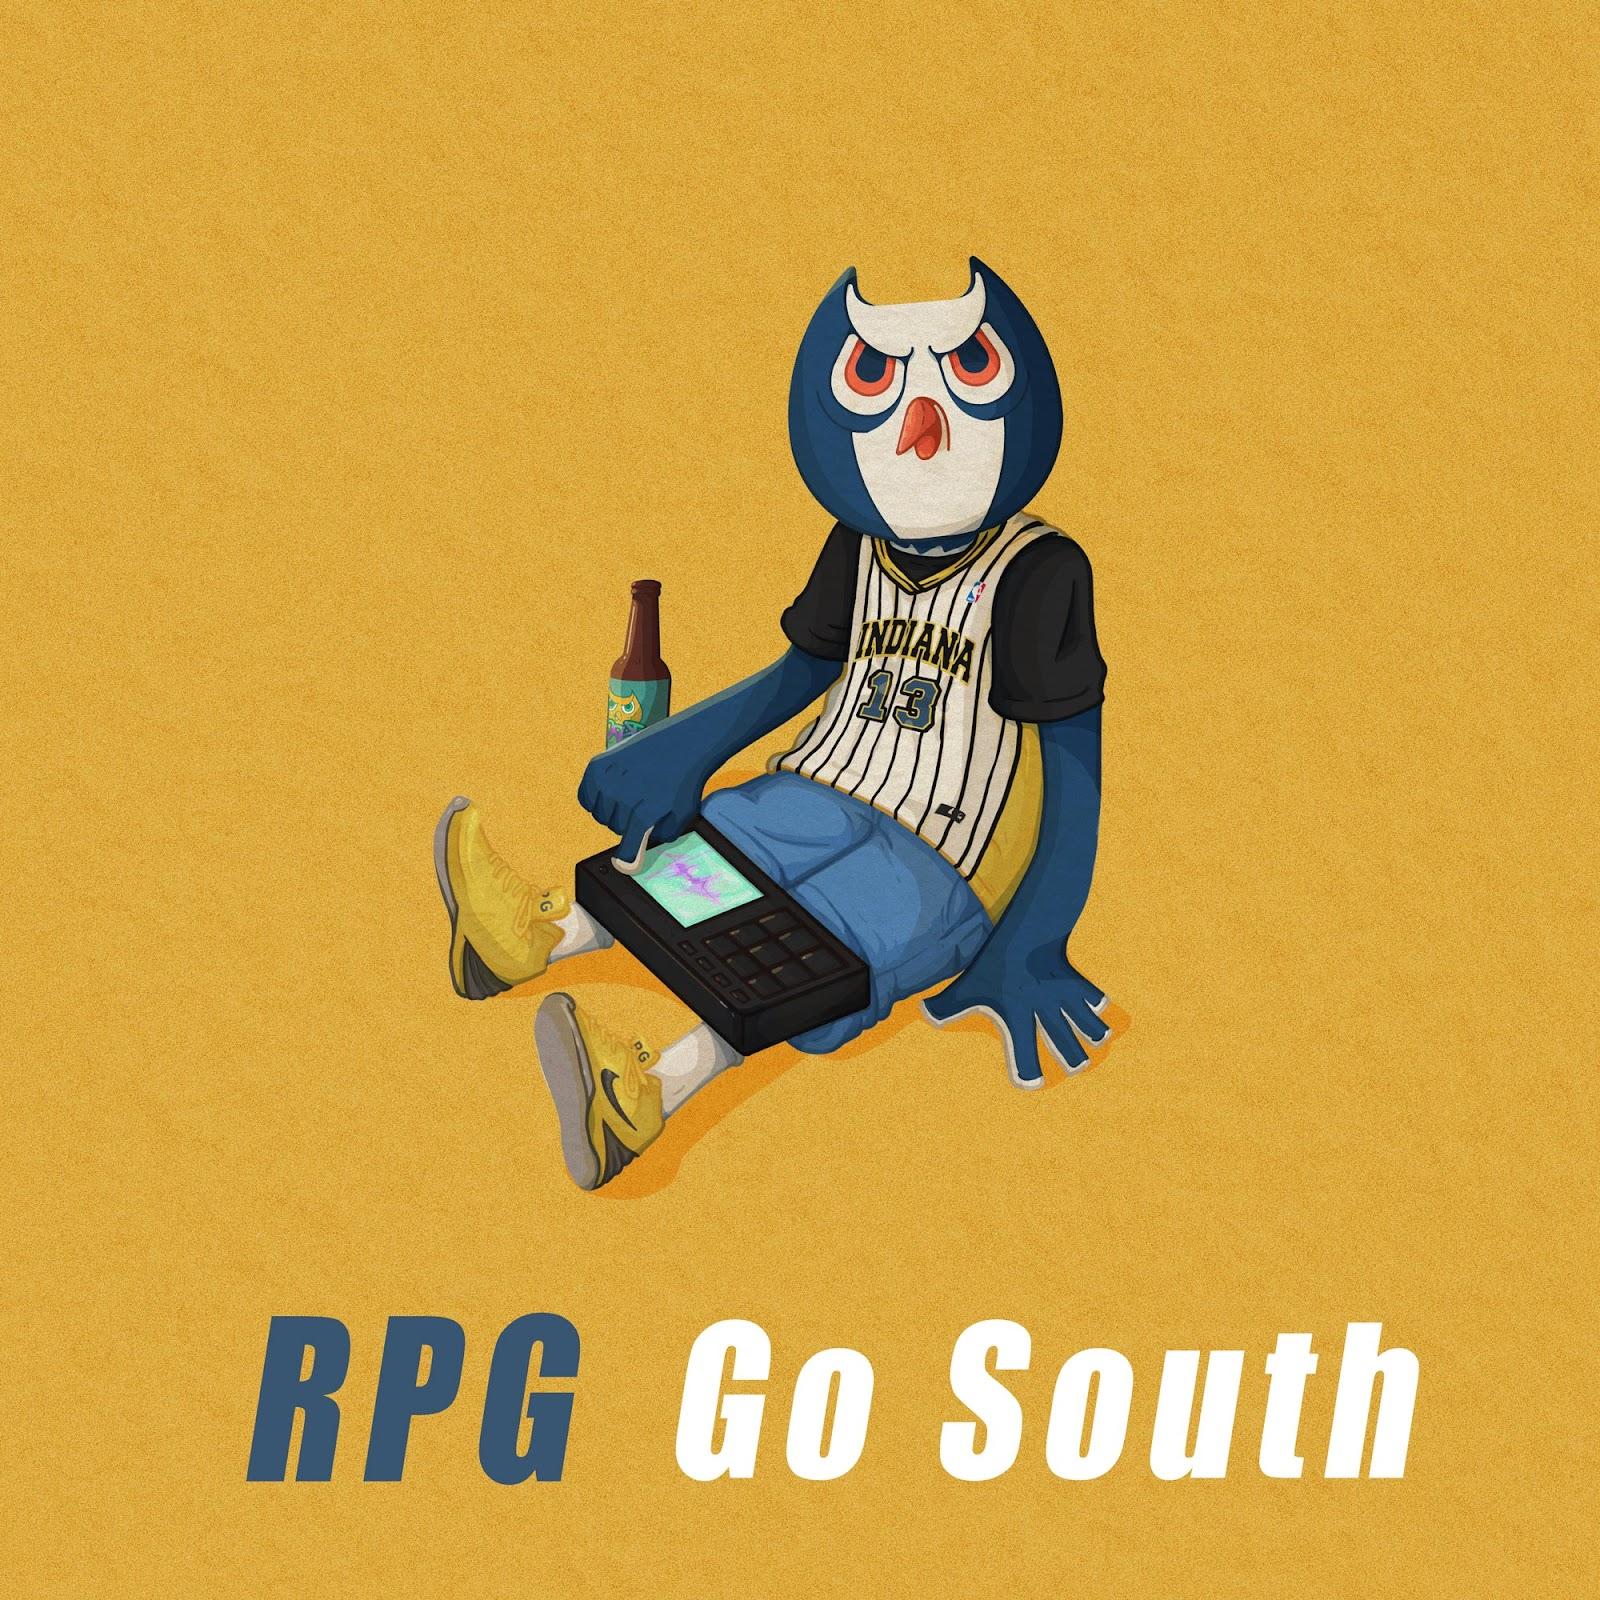 饒舌歌手RPG新作品《好南》強勢回歸!!! 觸景傷情大嘆真的「好難」 7